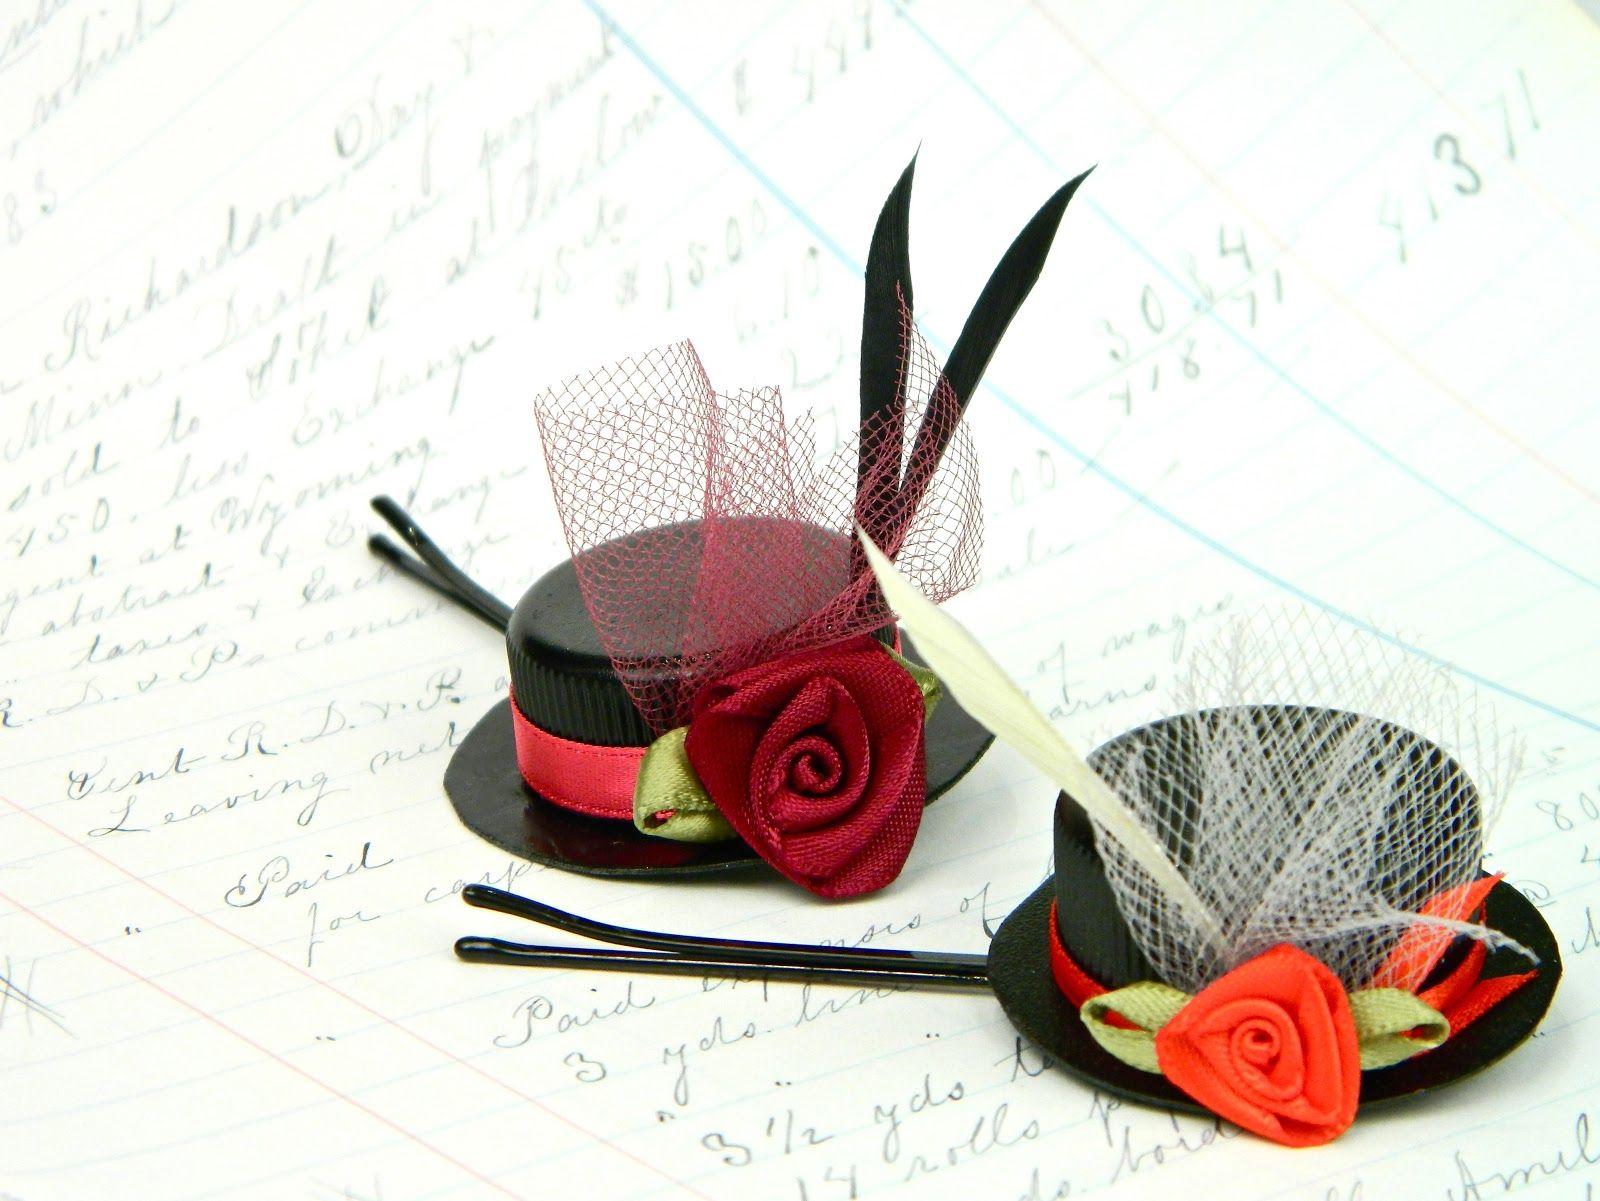 Открытки февраля, открытка шляпка своими руками мастер класс